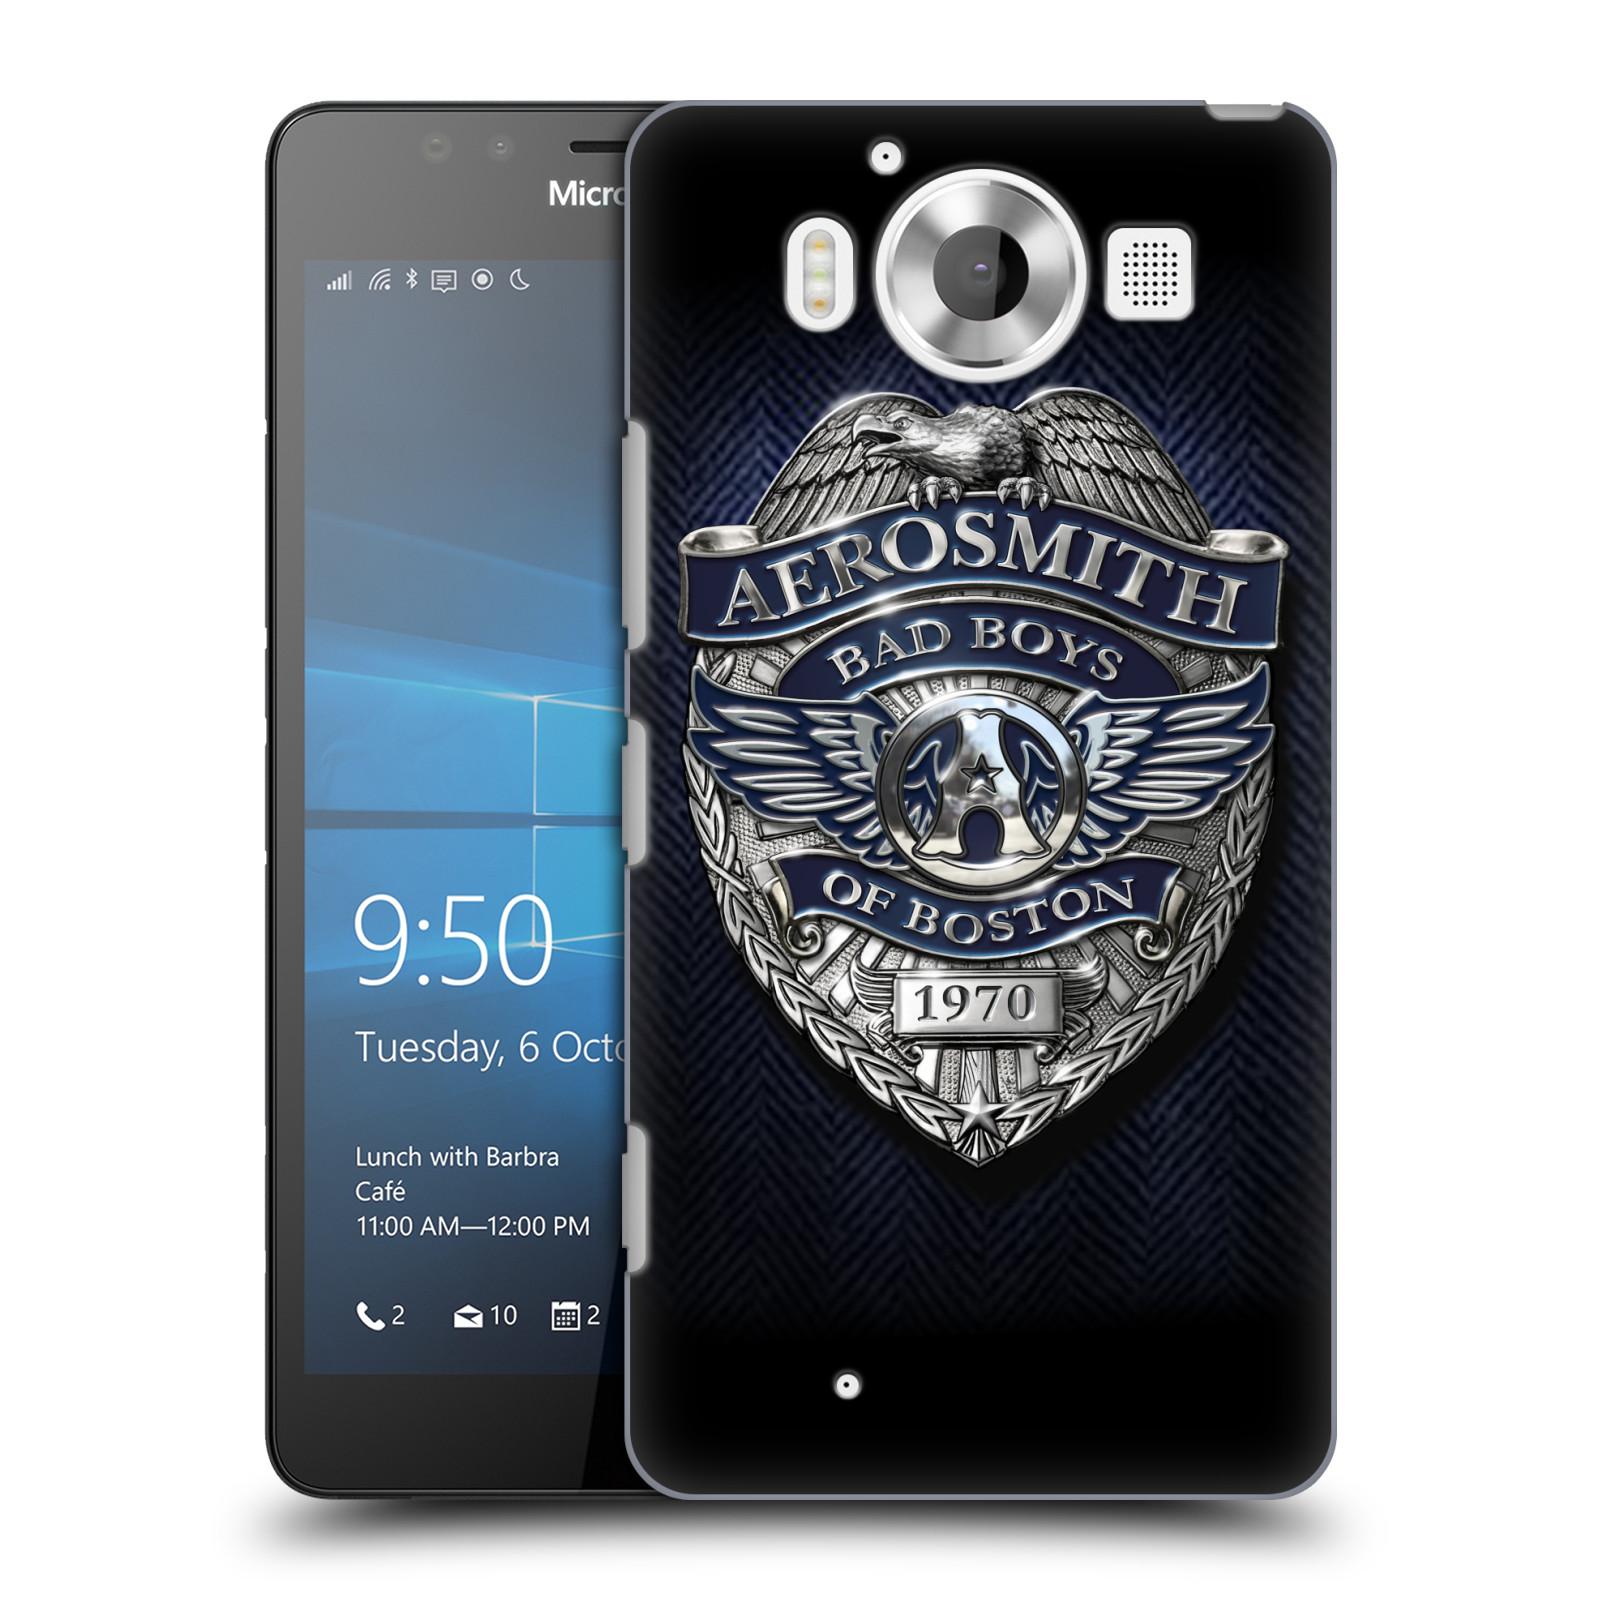 Plastové pouzdro na mobil Microsoft Lumia 950 HEAD CASE - Aerosmith - Bad Boys of Boston